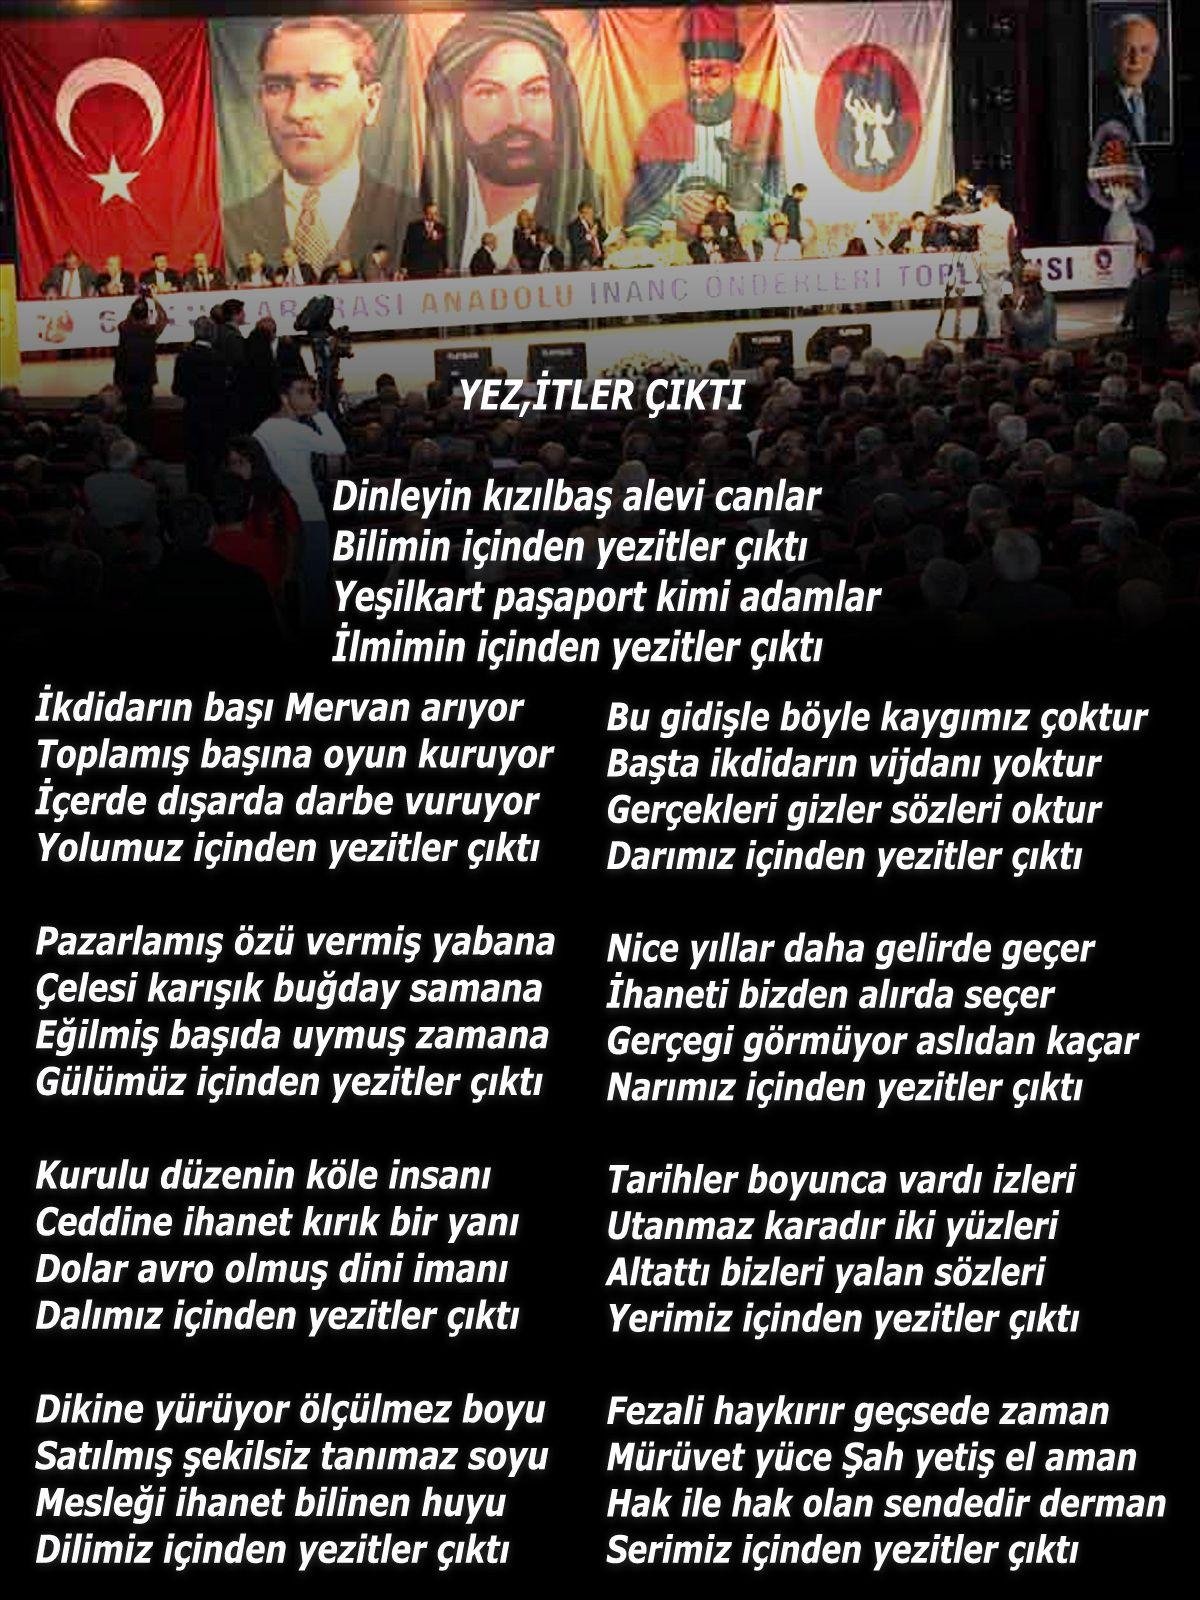 Devrimci Aleviler Birliği DAB Alevi Kızılbaş Bektaşi pir sultan cem hz Ali 12 imam semah Feramuz Şah Acar yezitler cikti